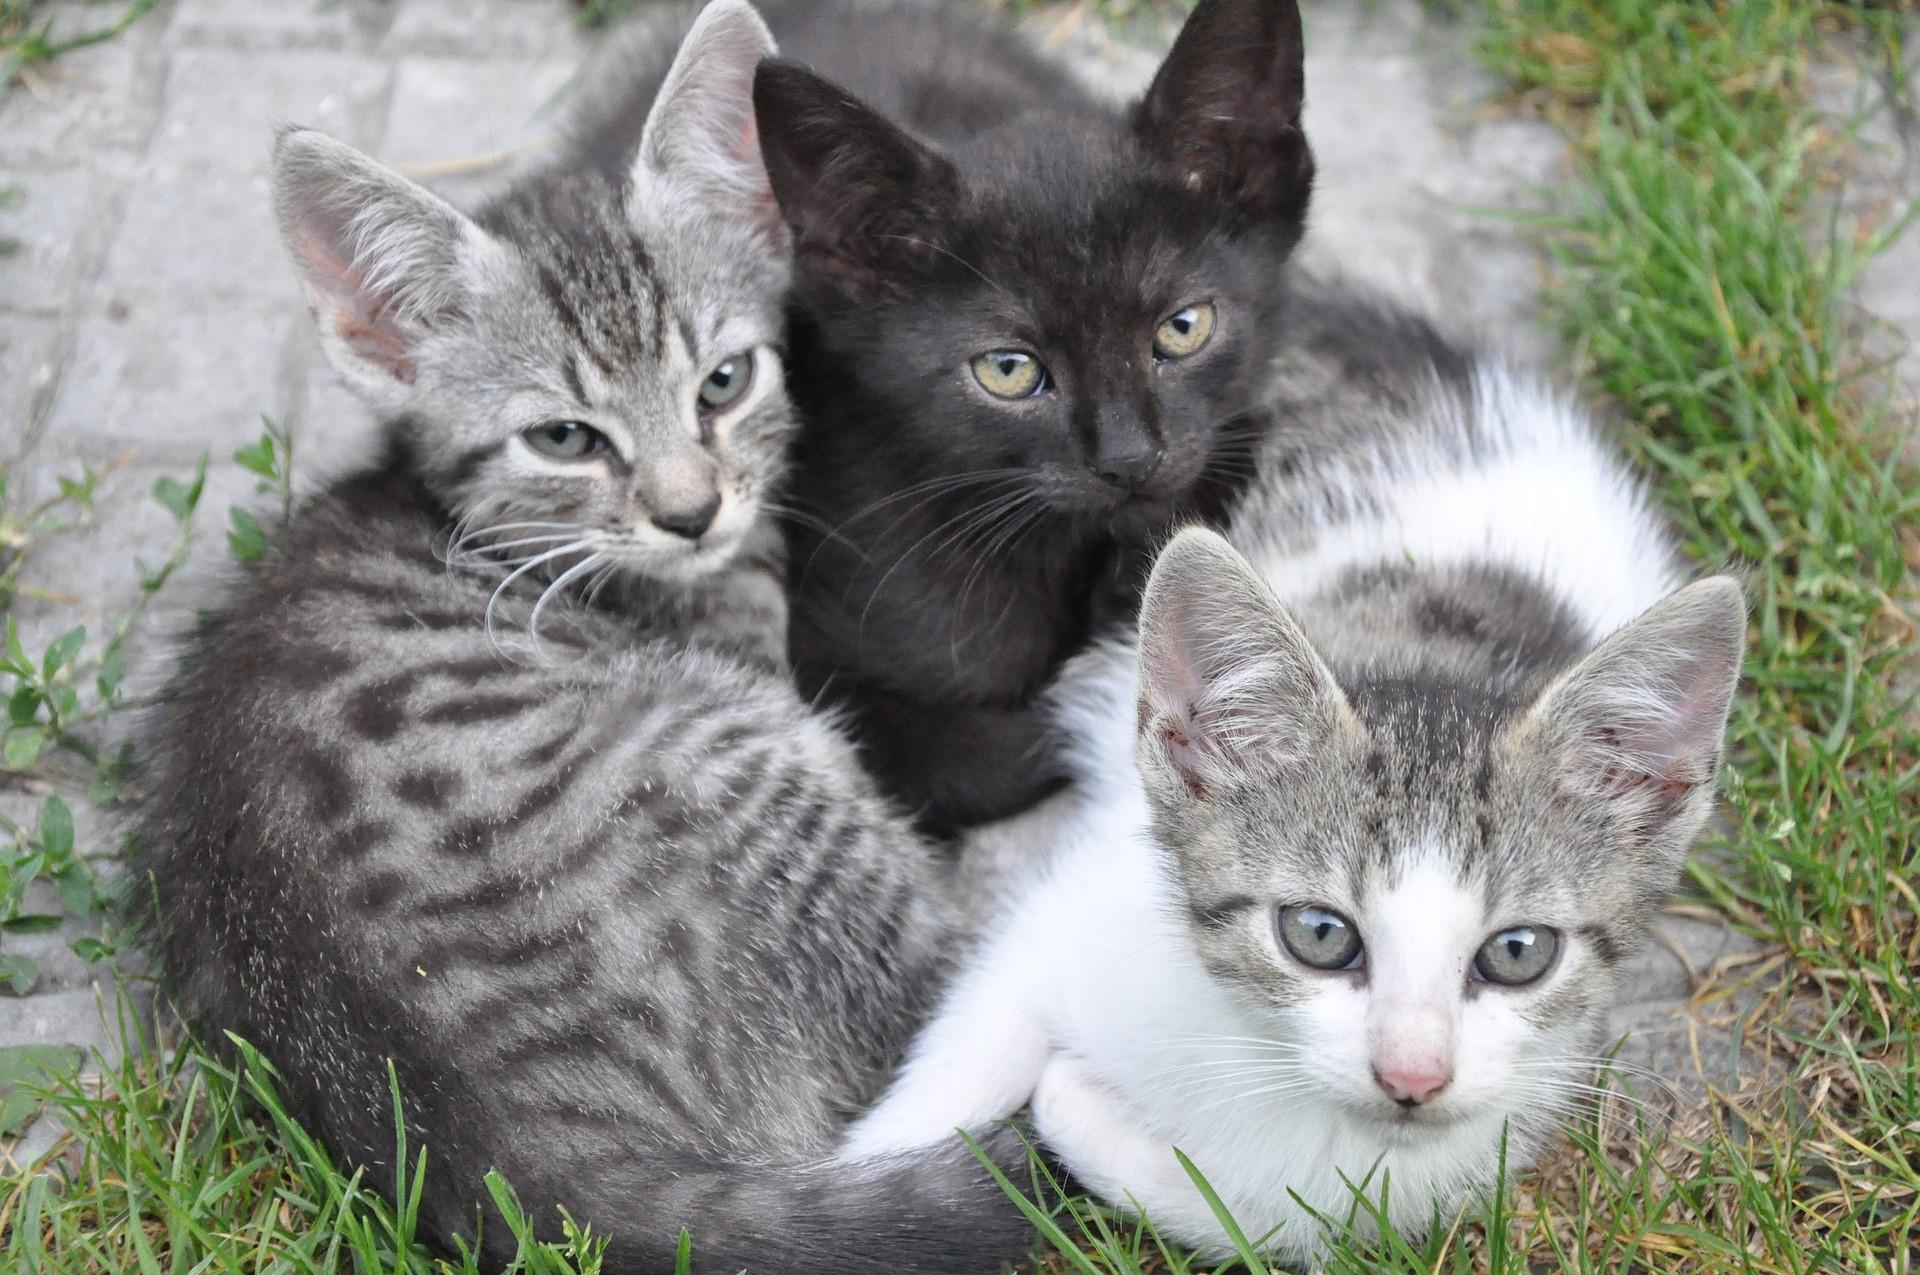 ▲▼貓,幼貓,流浪貓,喵星人,動物,寵物,流浪動物(圖/取自免費圖庫Pixabay)